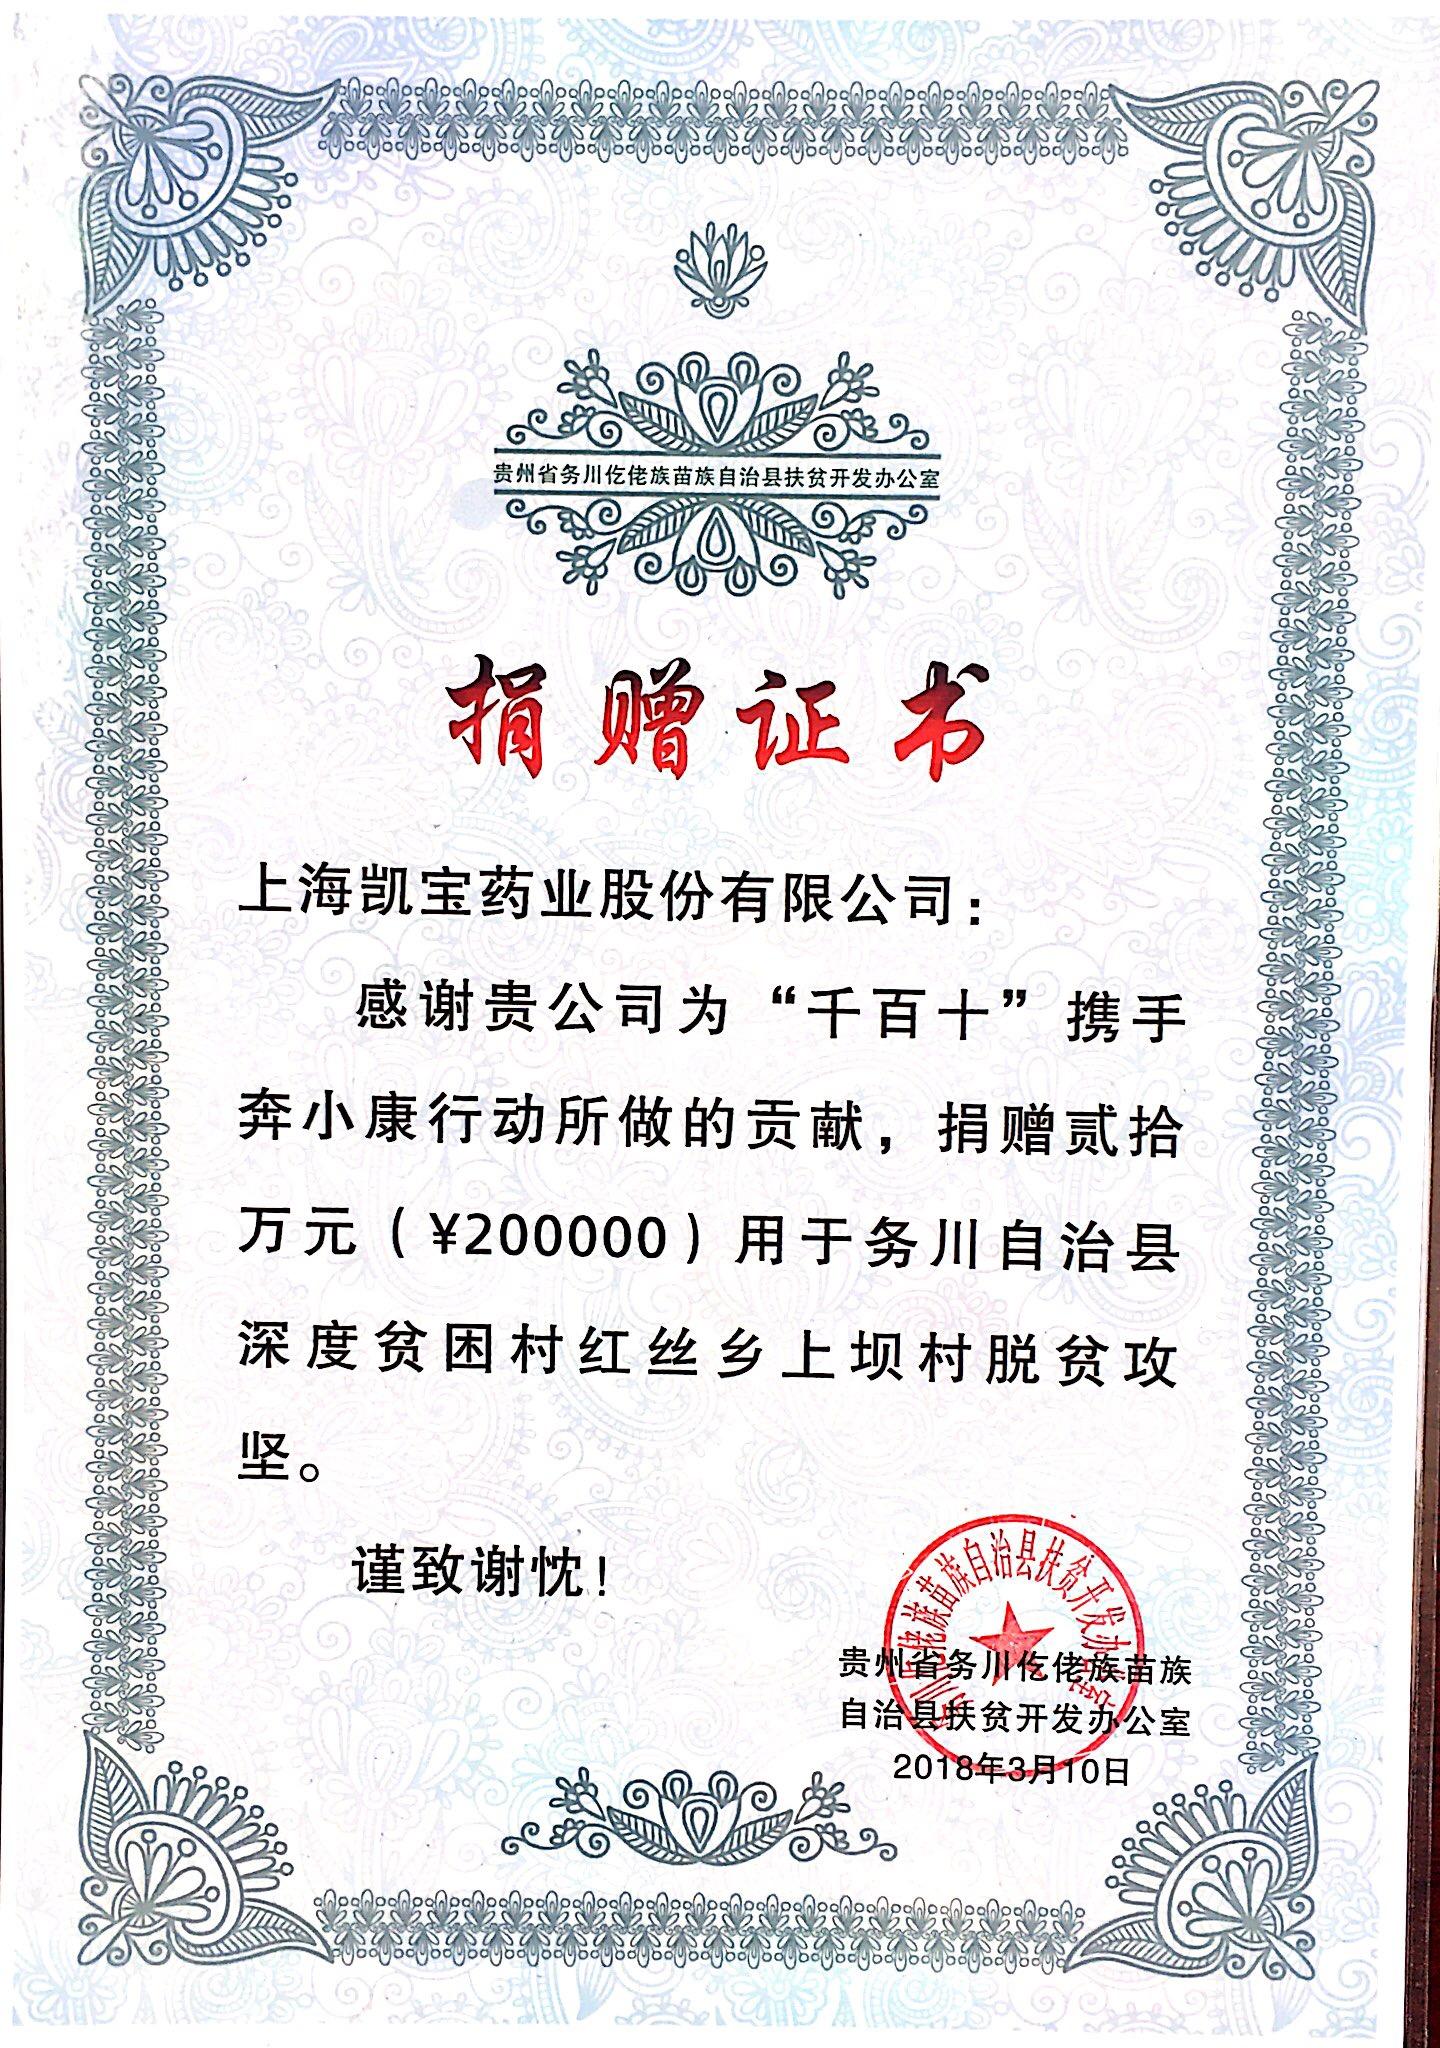 2018.0320万捐送证书